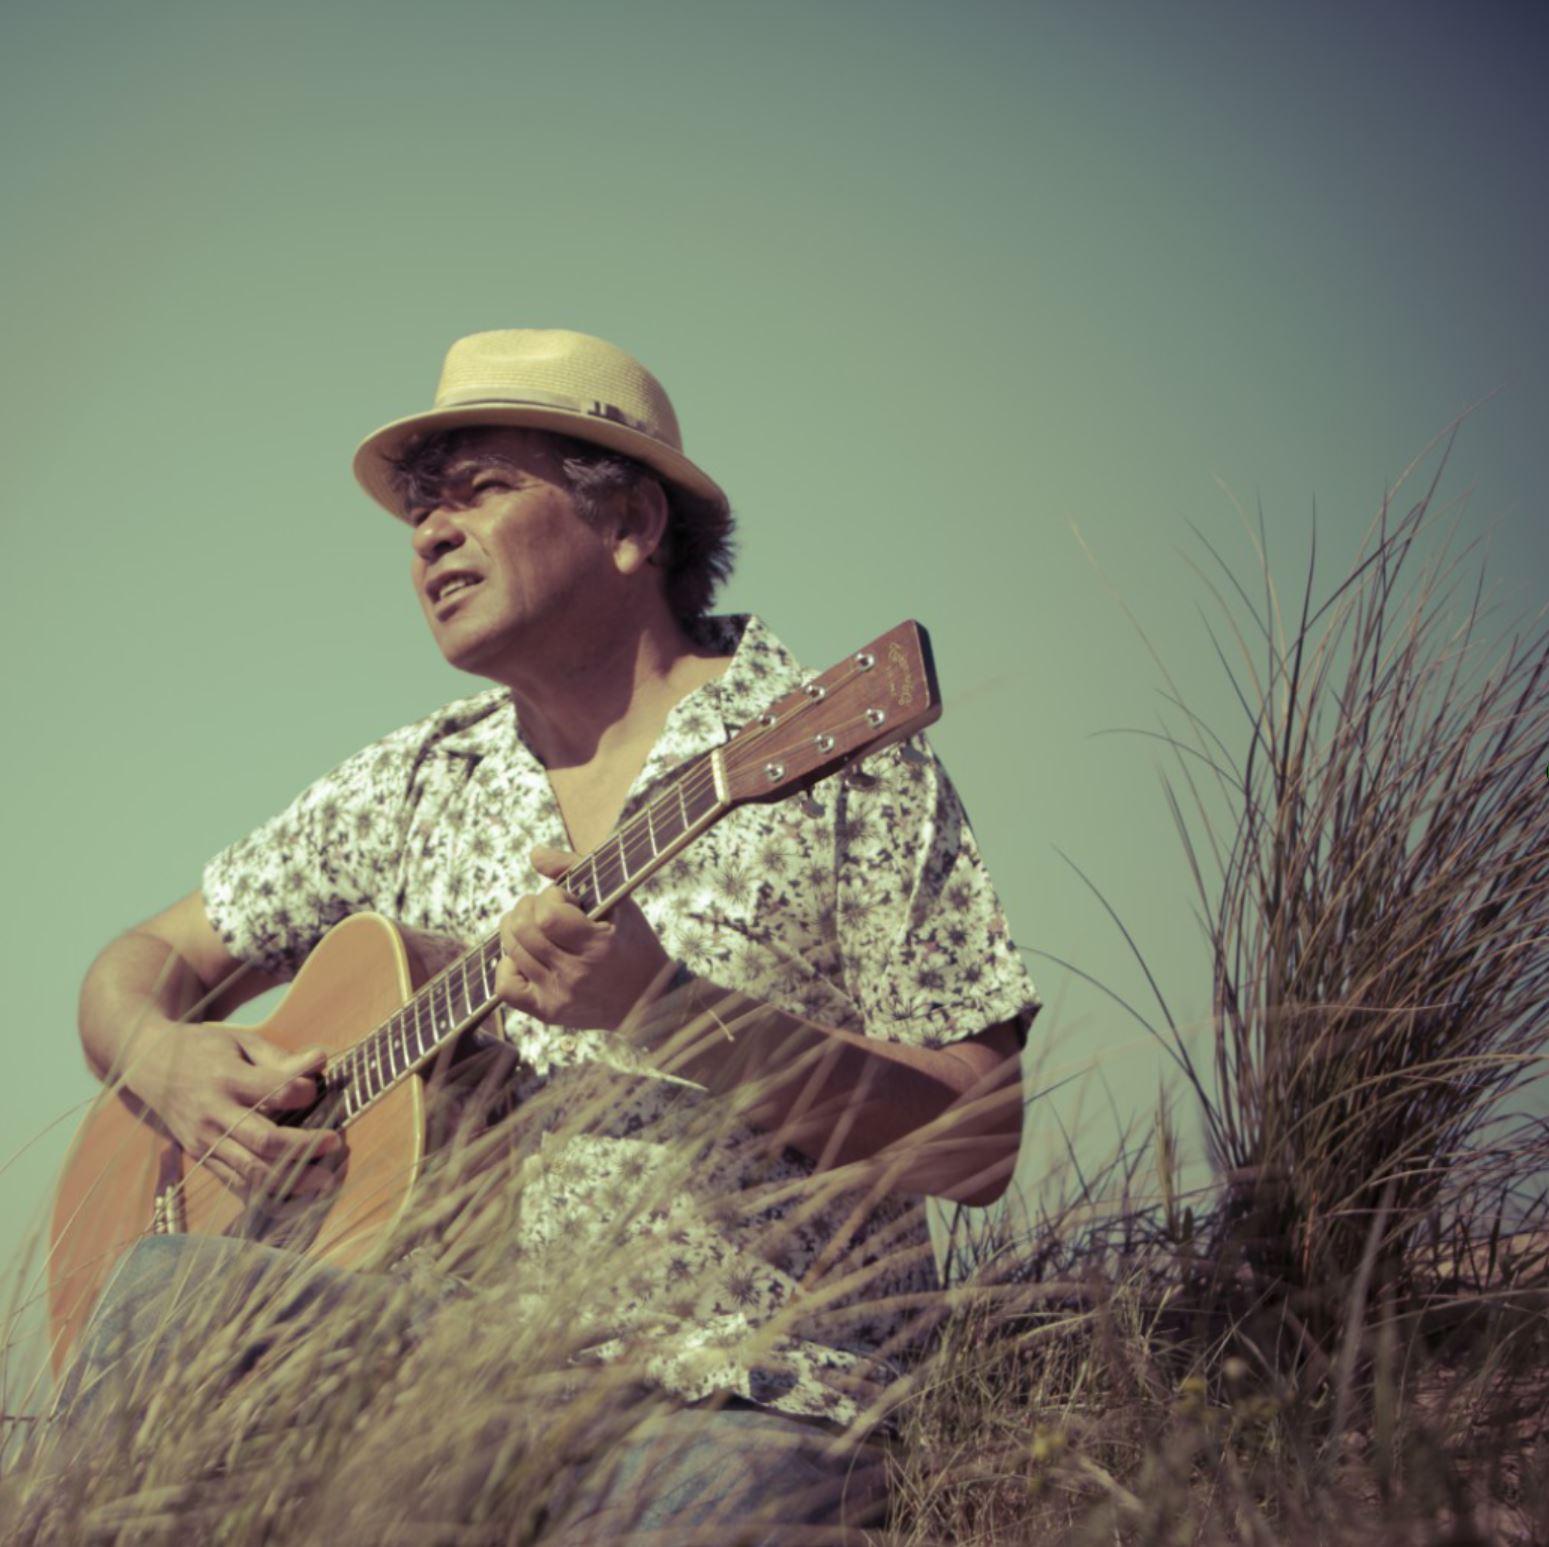 Dans mon île, un album-voyage... - Dans mon île est le premier album d'Alain Girard, auteur, compositeur et interprète rétais connu sous le nom de scène « L'Hawaii ».Entièrement réalisé sur l'île de Ré, l'album a été produit et enregistré pendant l'hiver. On y retrouve toute la spontanéité musicale et l'esprit des concerts et jam sessions entre copains sur la plage.Alain Girard explique,